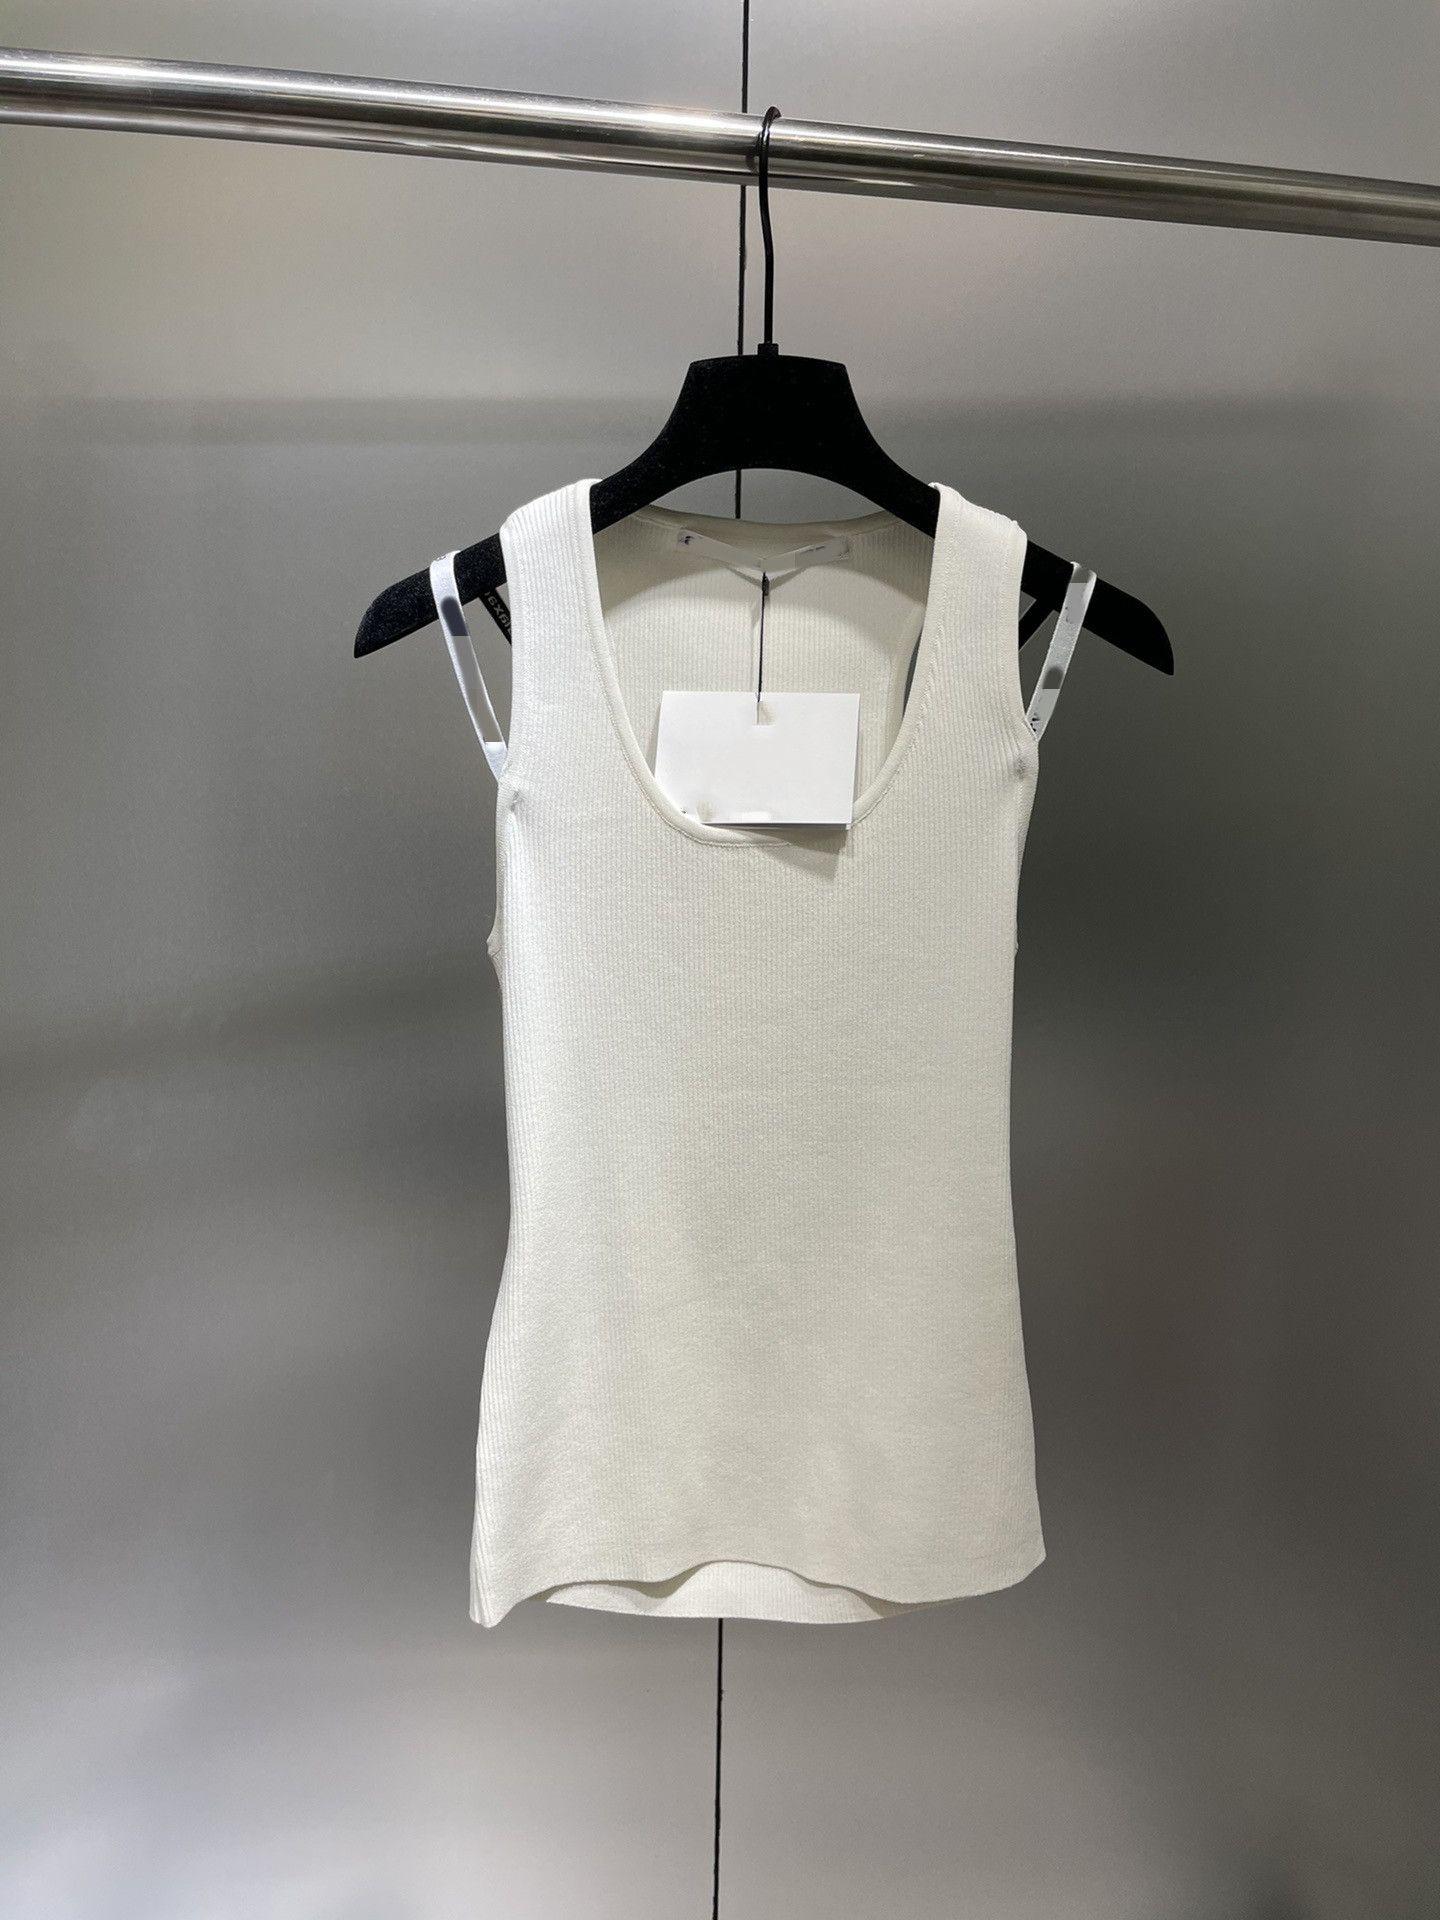 Milan Pist kadın T-shirt 2021 U Boyun Kısa Kollu Baskı Tasarımcı Mont Marka Aynı Stil T-shirt 0514-10